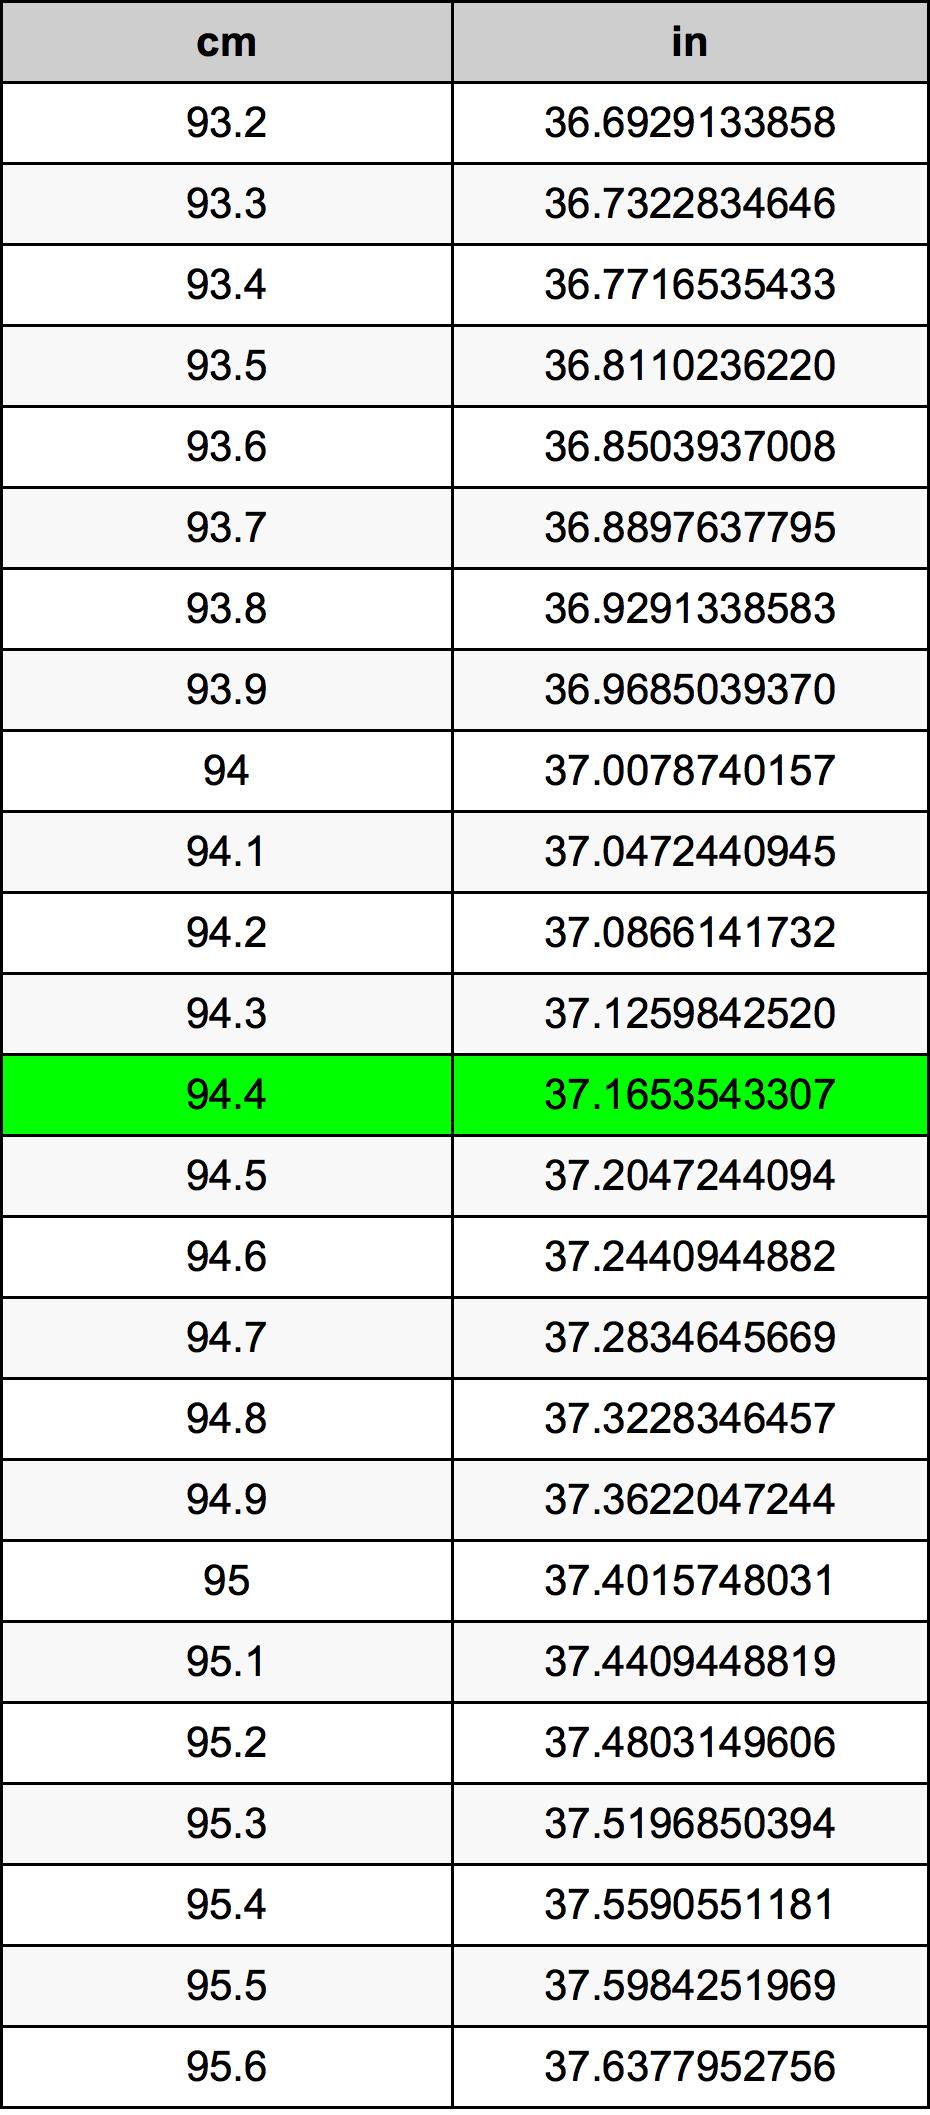 94.4 εκατοστόμετρο Πίνακας Μετατροπής